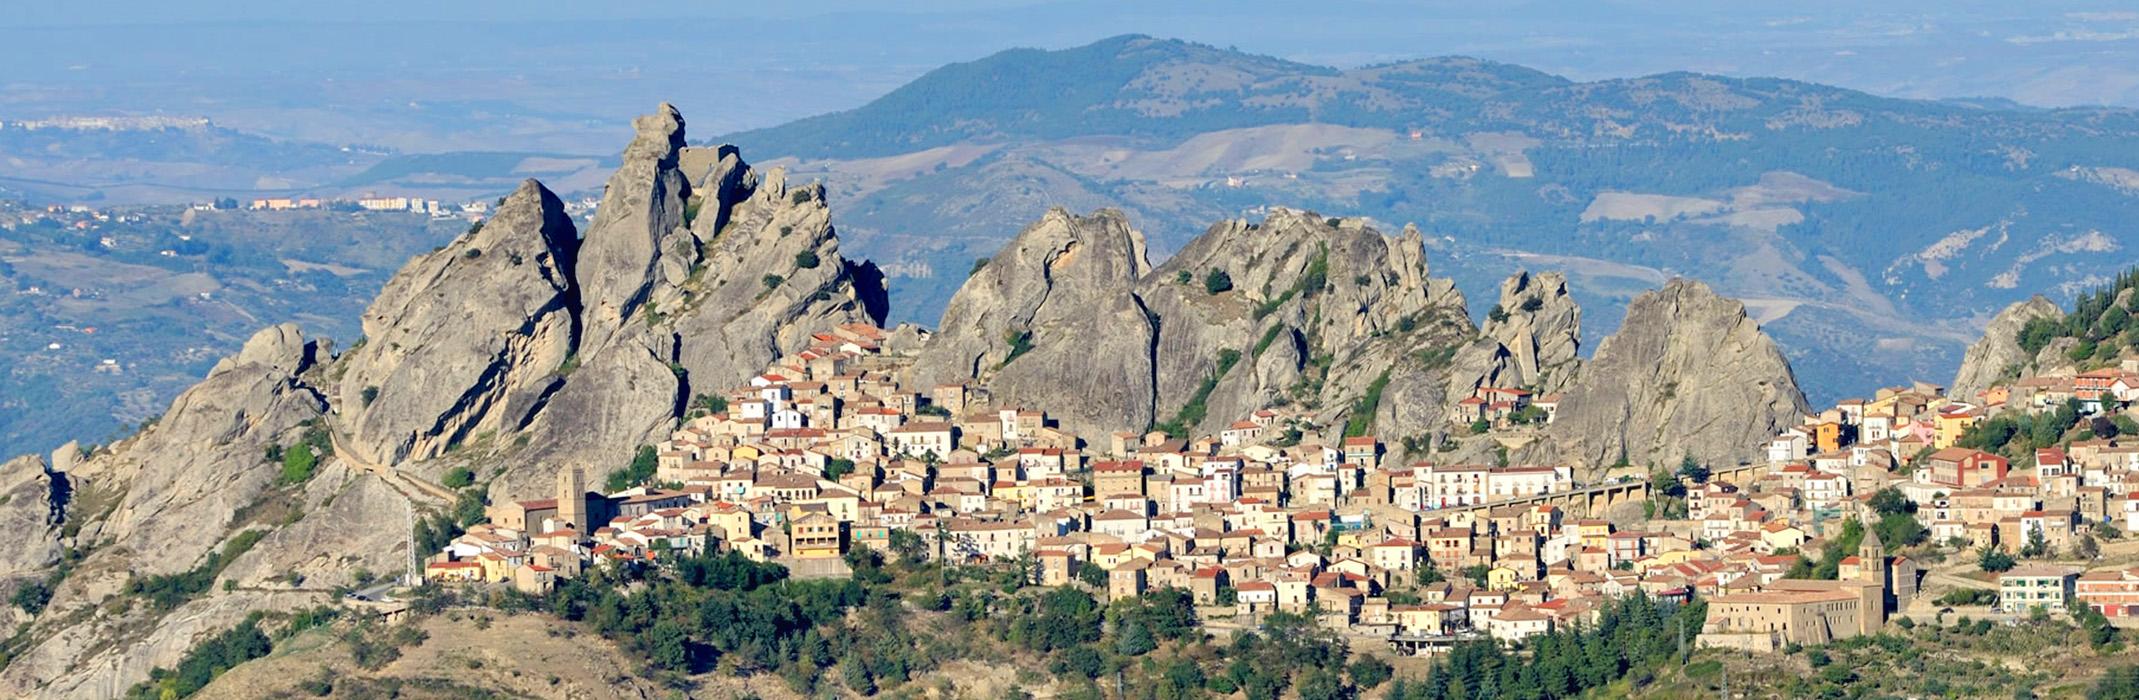 Pietrapertosa-Basilicata-Antico-Pastificio-Sarubbi-Hotel-Stigliano-Matera